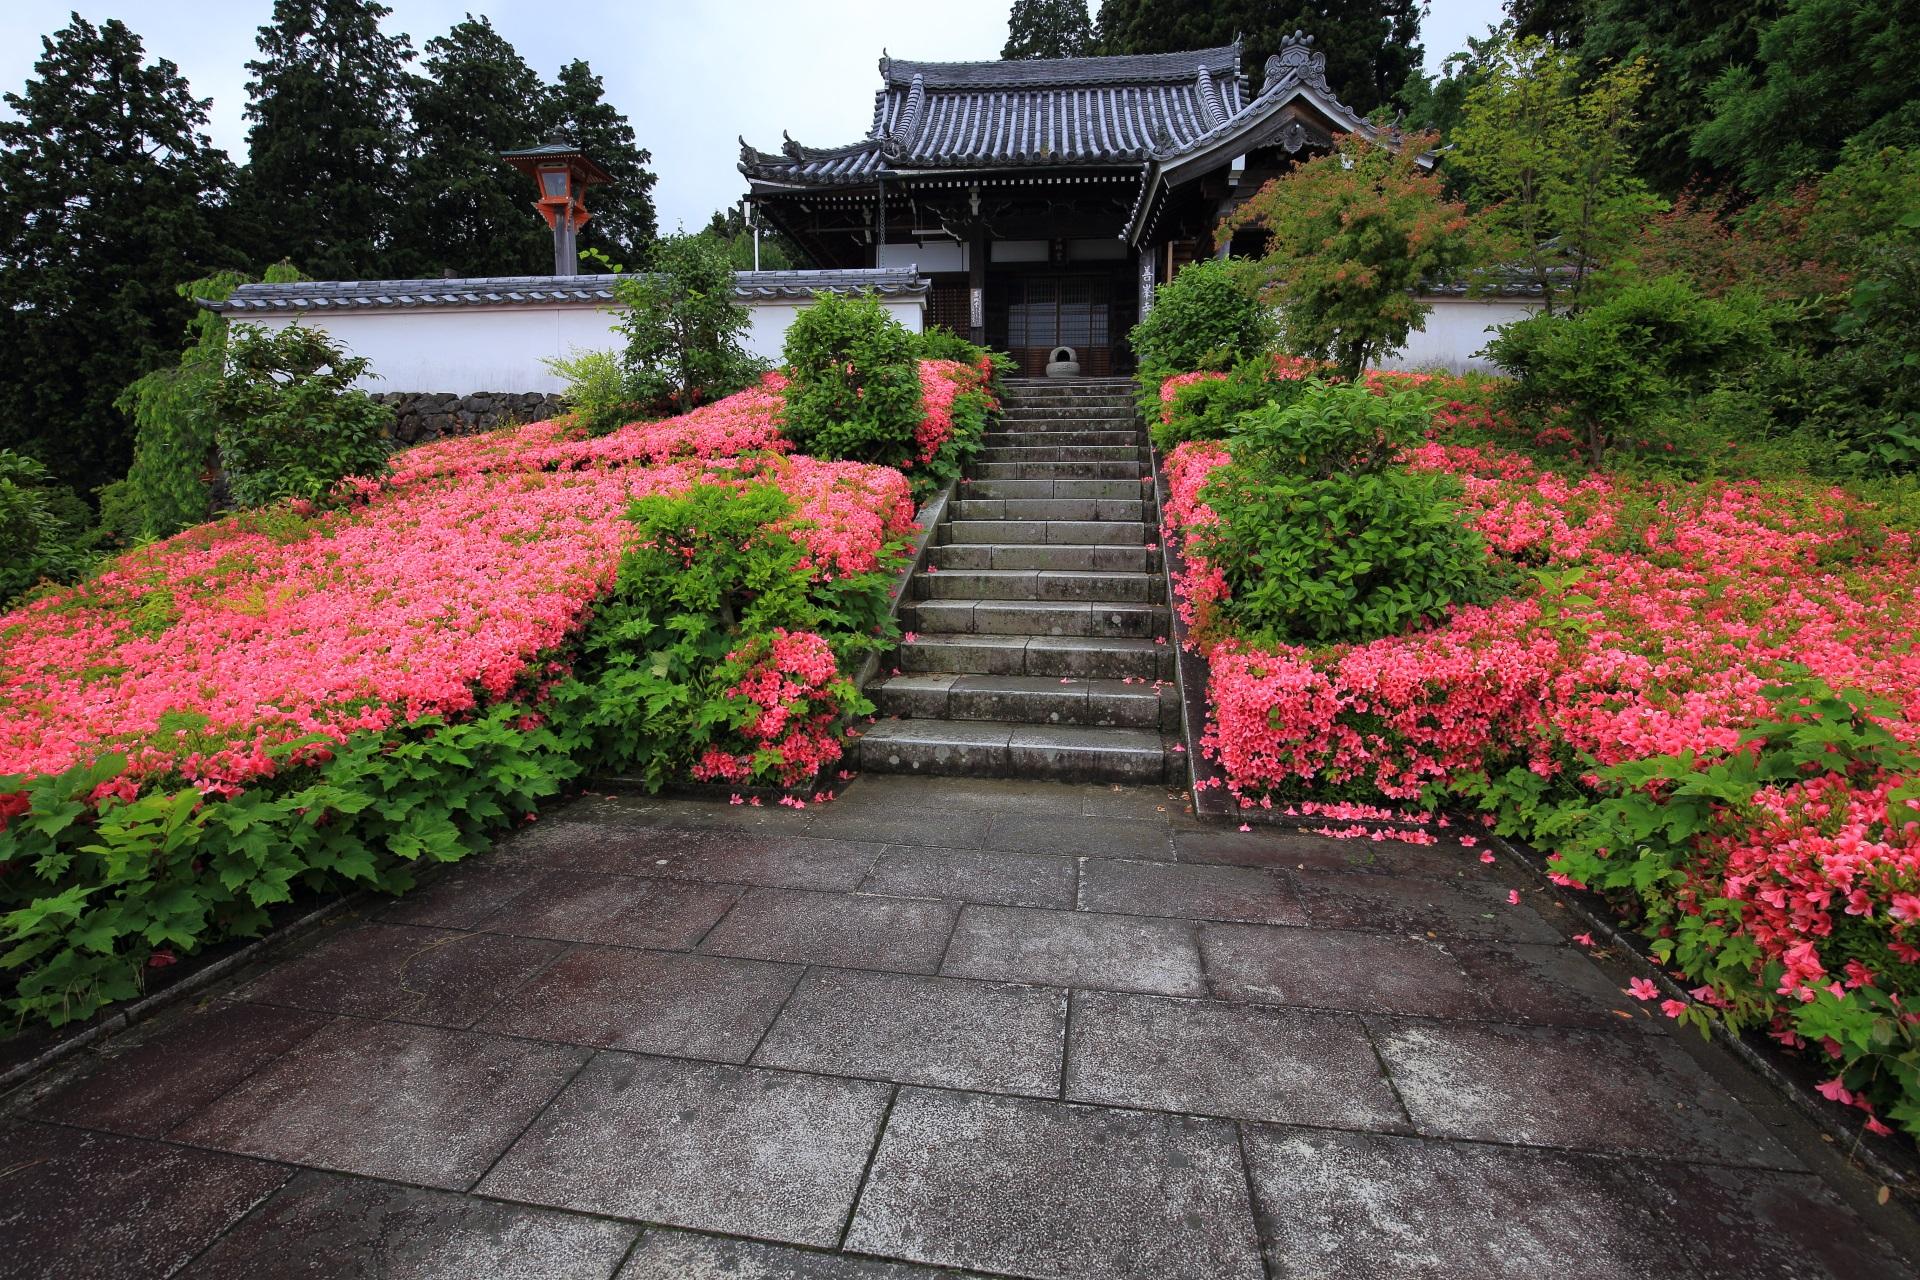 華やかなピンクにつつまれた薬師堂と風情ある石段と石畳